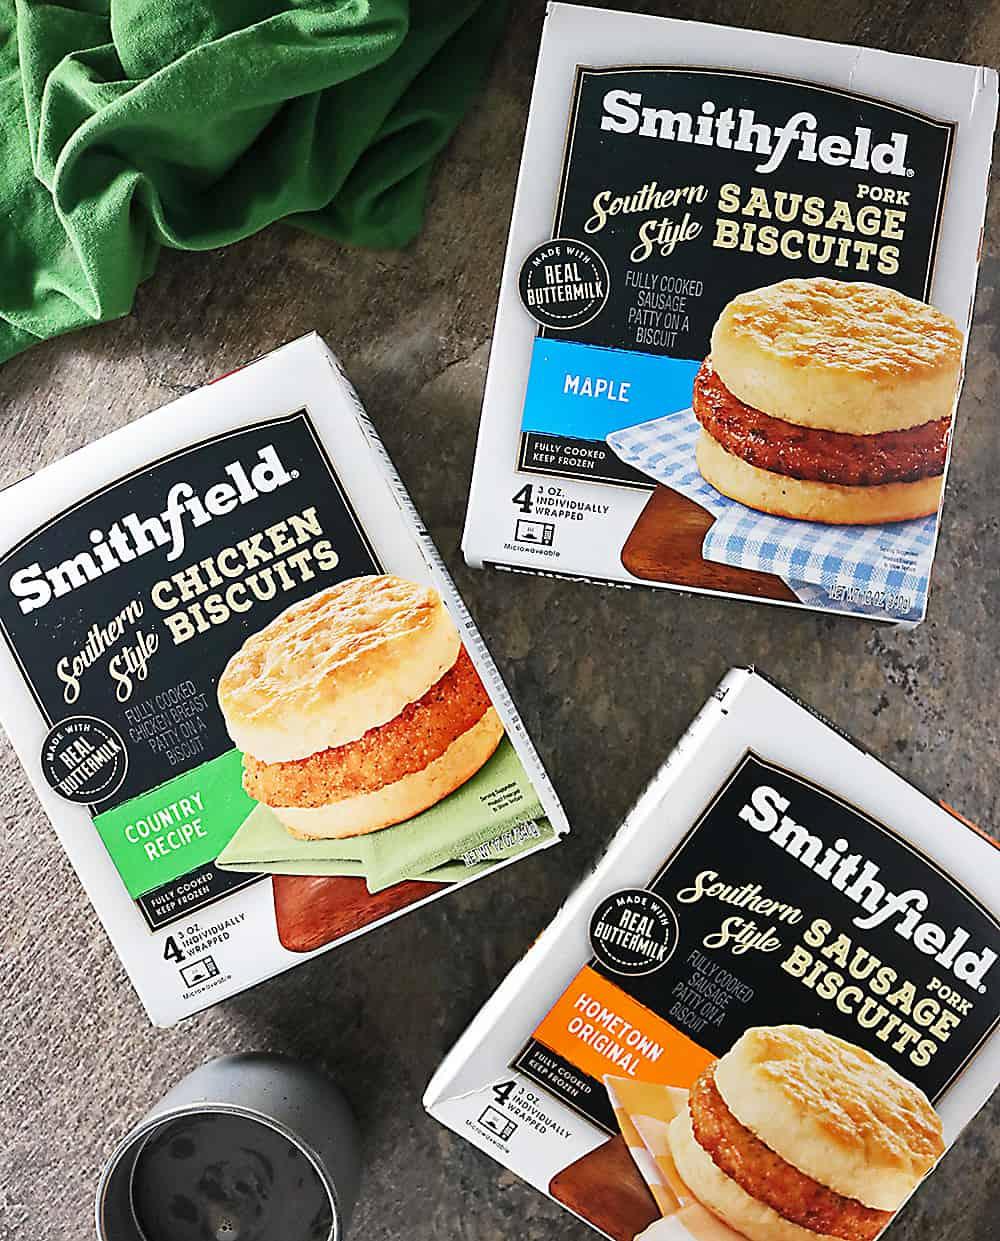 Photo Smithfield Breakfast Sandwiches